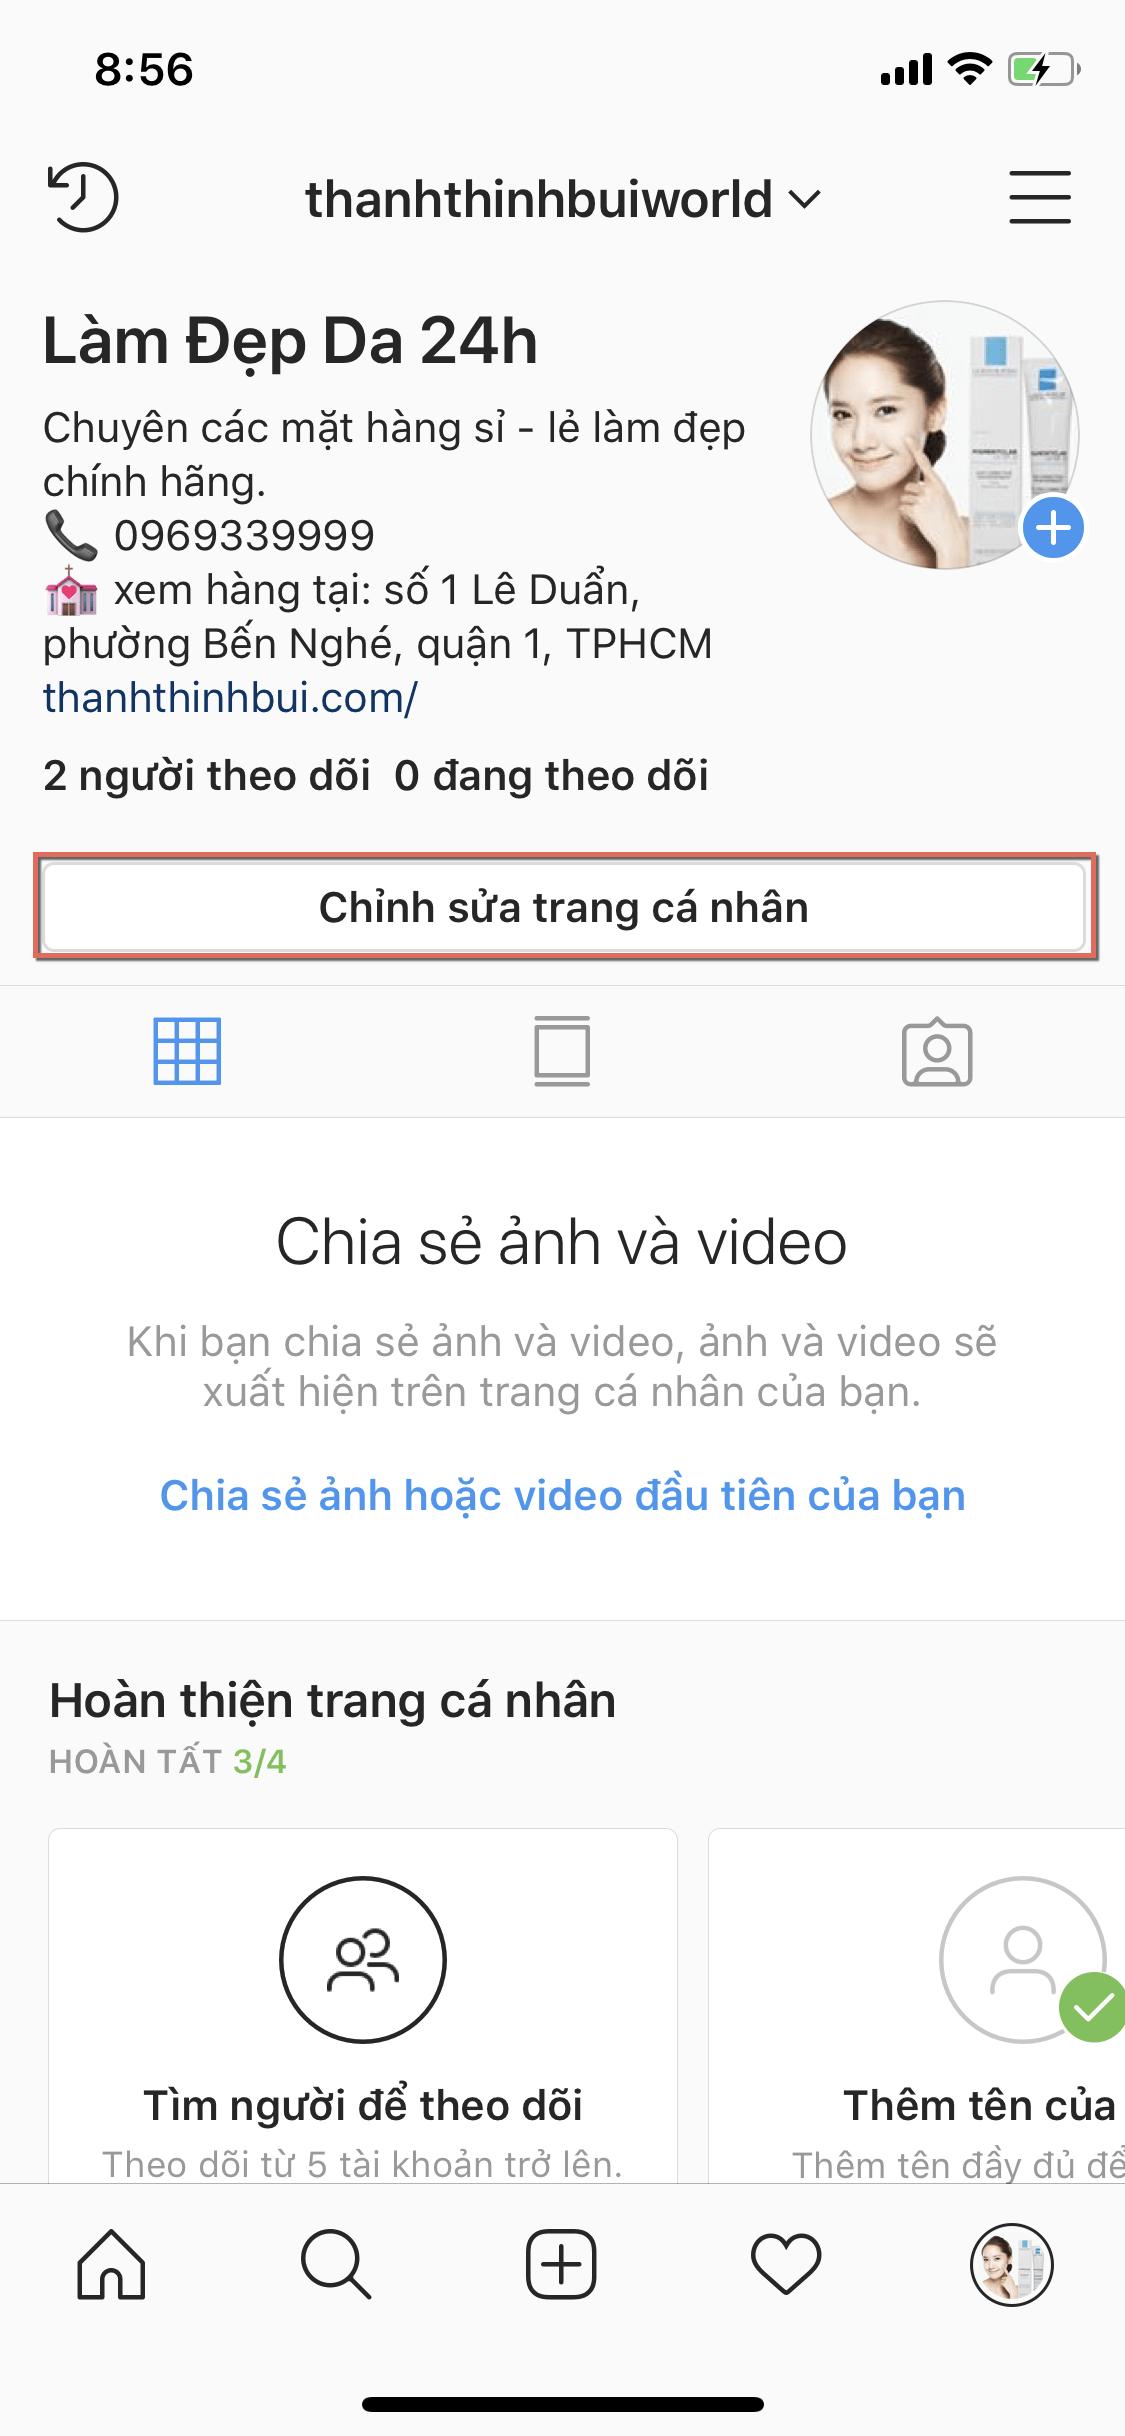 Chuyển tài khoản cá nhân thành tài khoản bán hàng trên Instagram